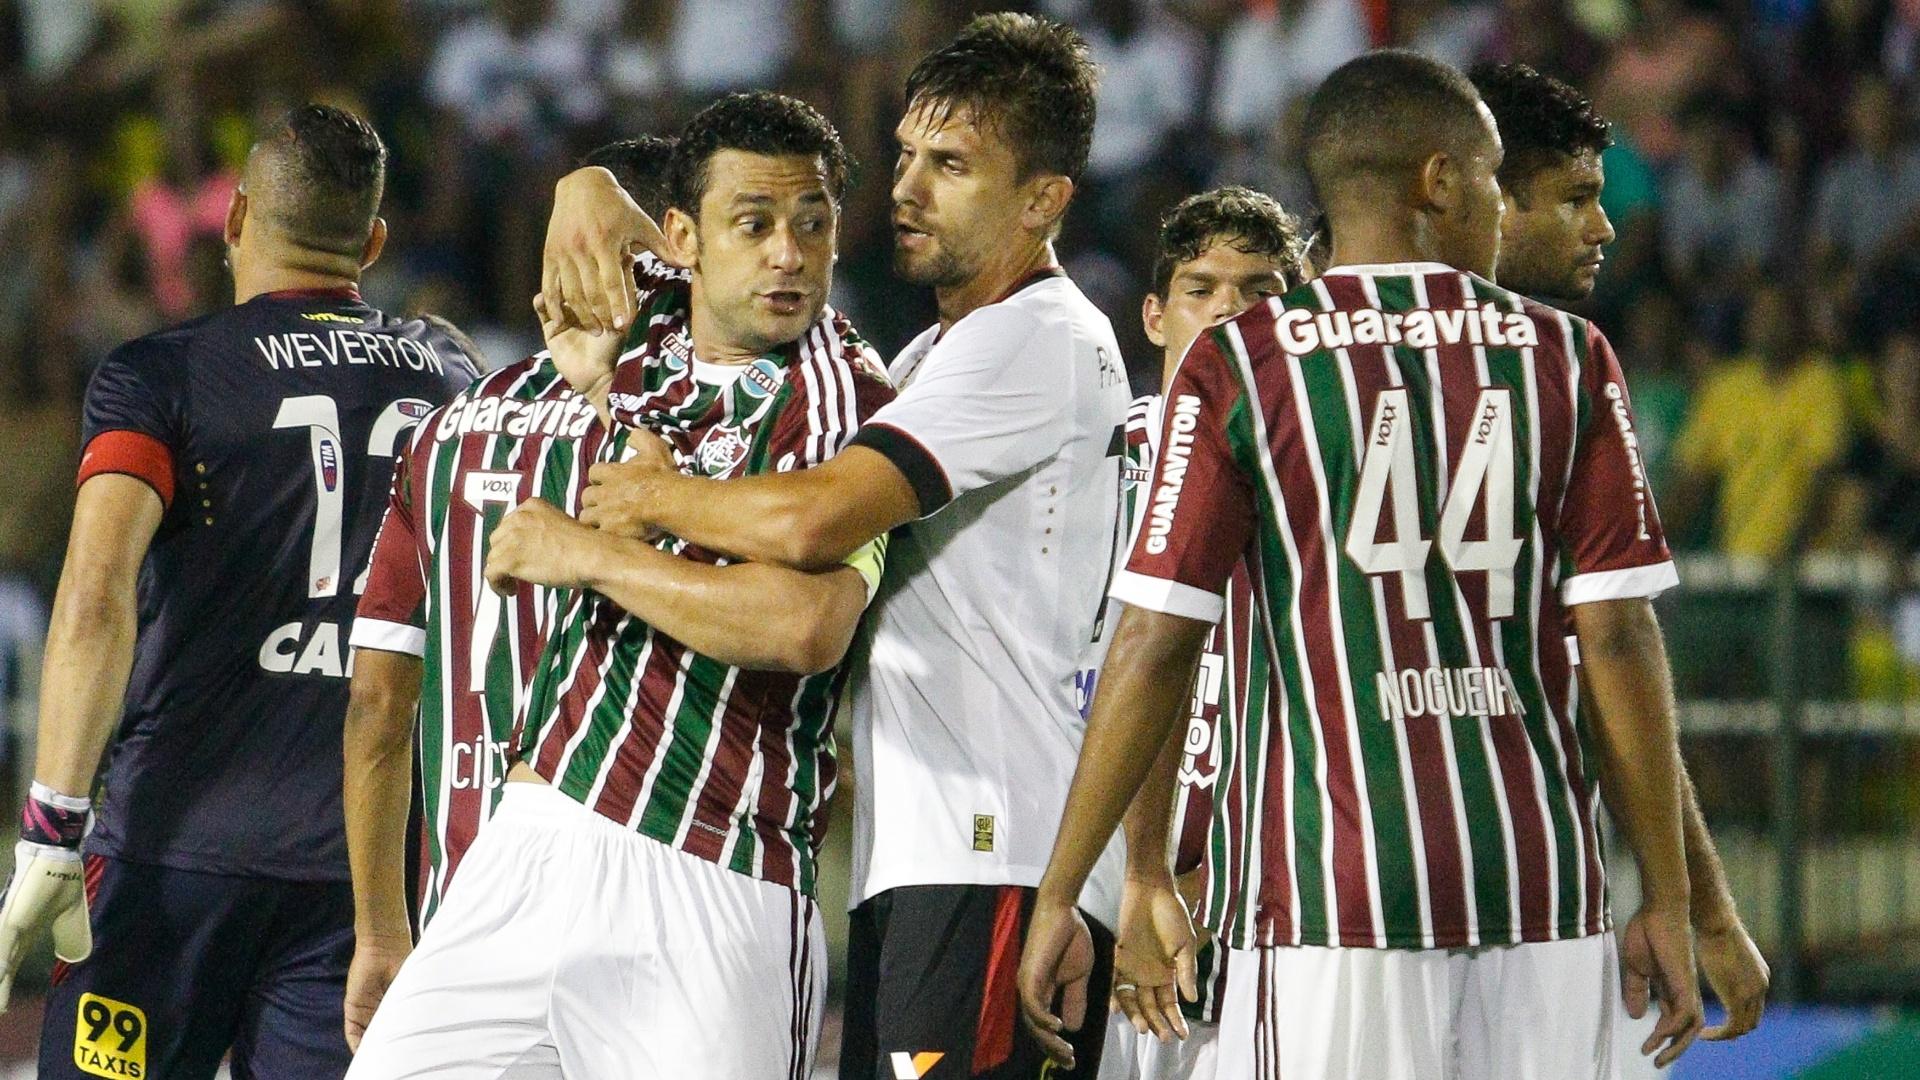 Fred se envolve em confusão com Leo e acaba expulso do jogo do Fluminense contra o Atlético-PR, pela Primeira Liga